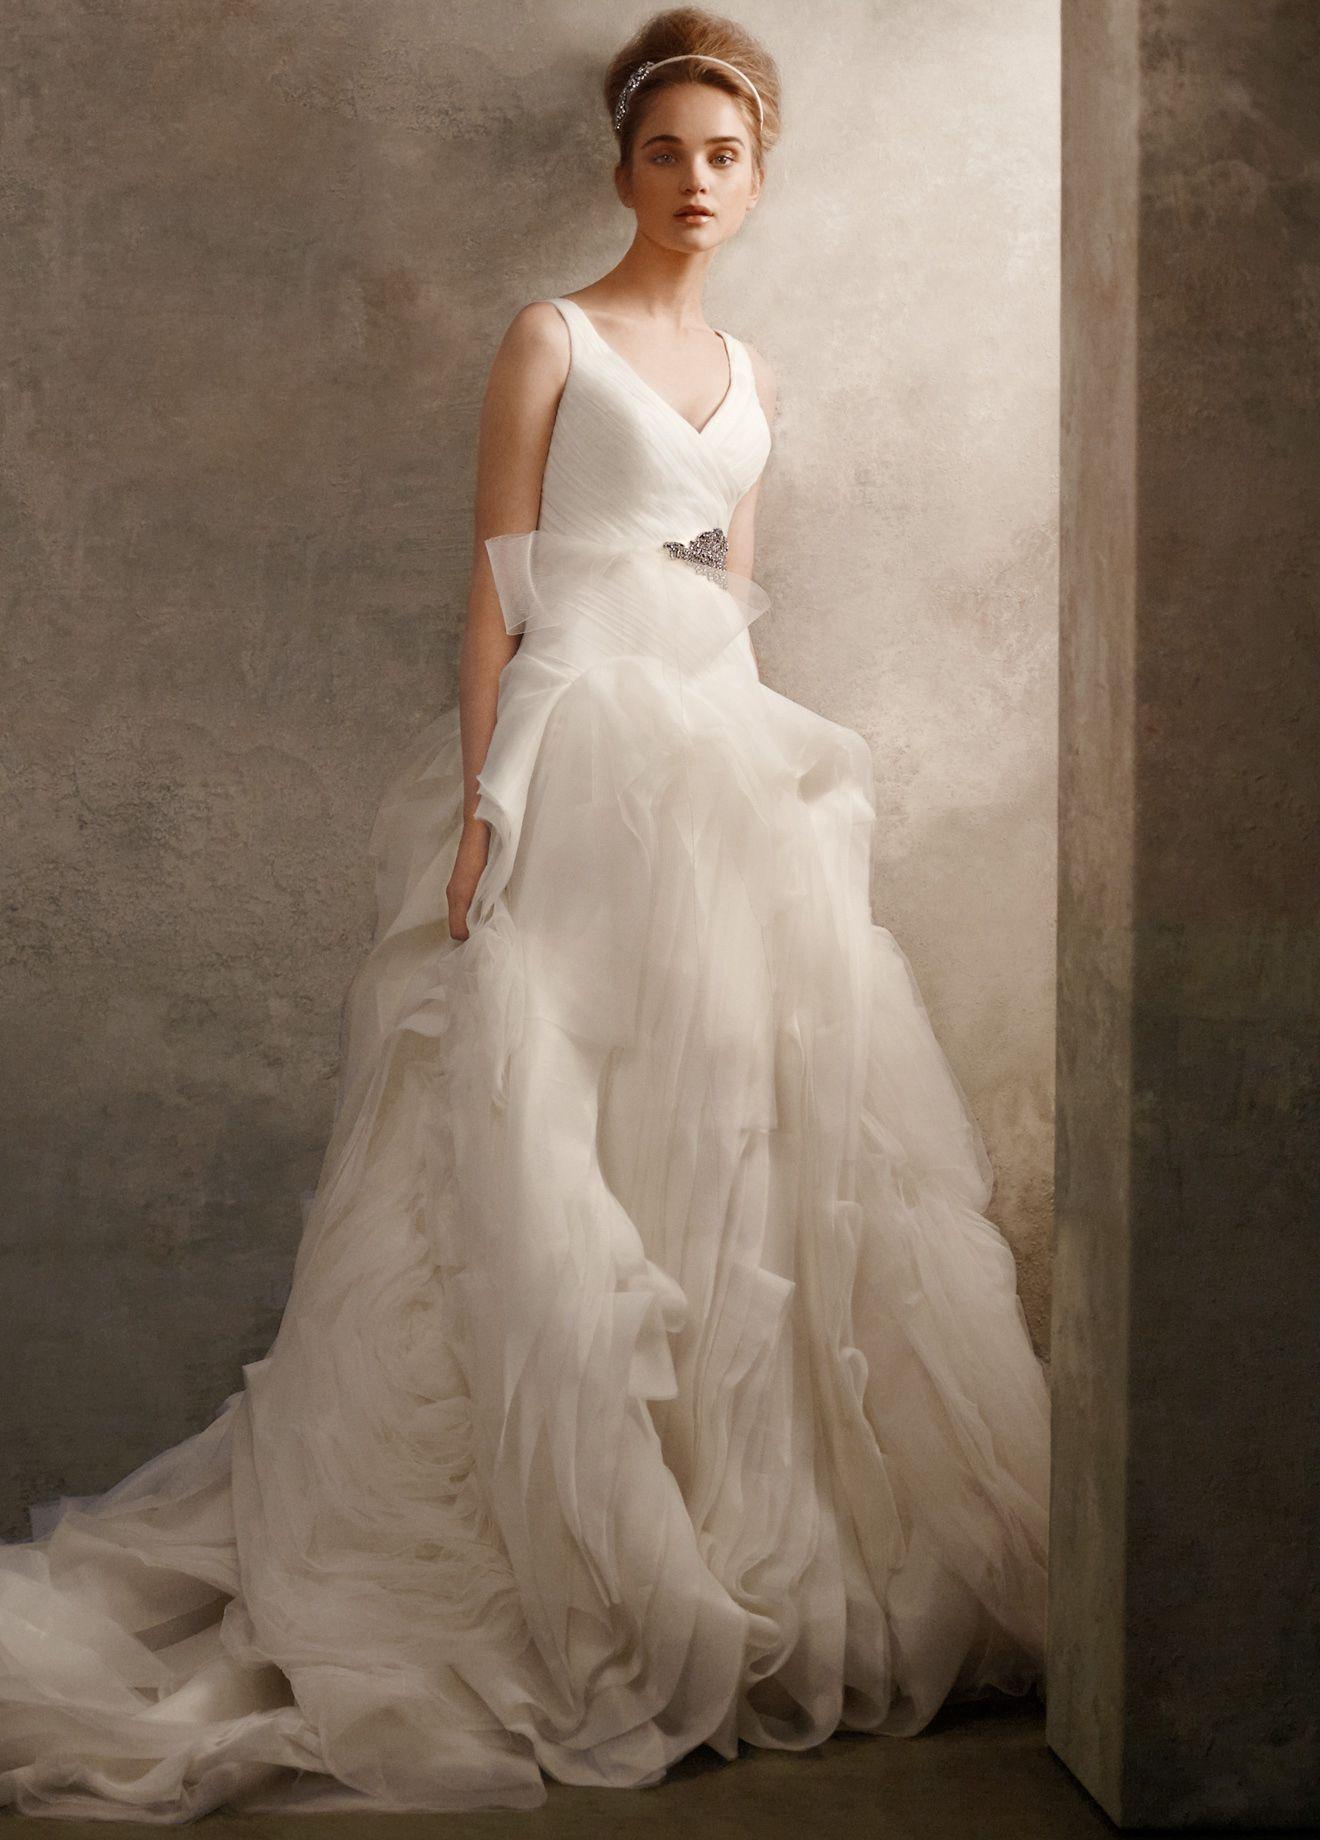 Пышное свадебное платье Vera Wang White. Лиф с В - образным вырезом на груди и на спине. В наличии два платья б/у, оба в отличном состоянии, следов носки